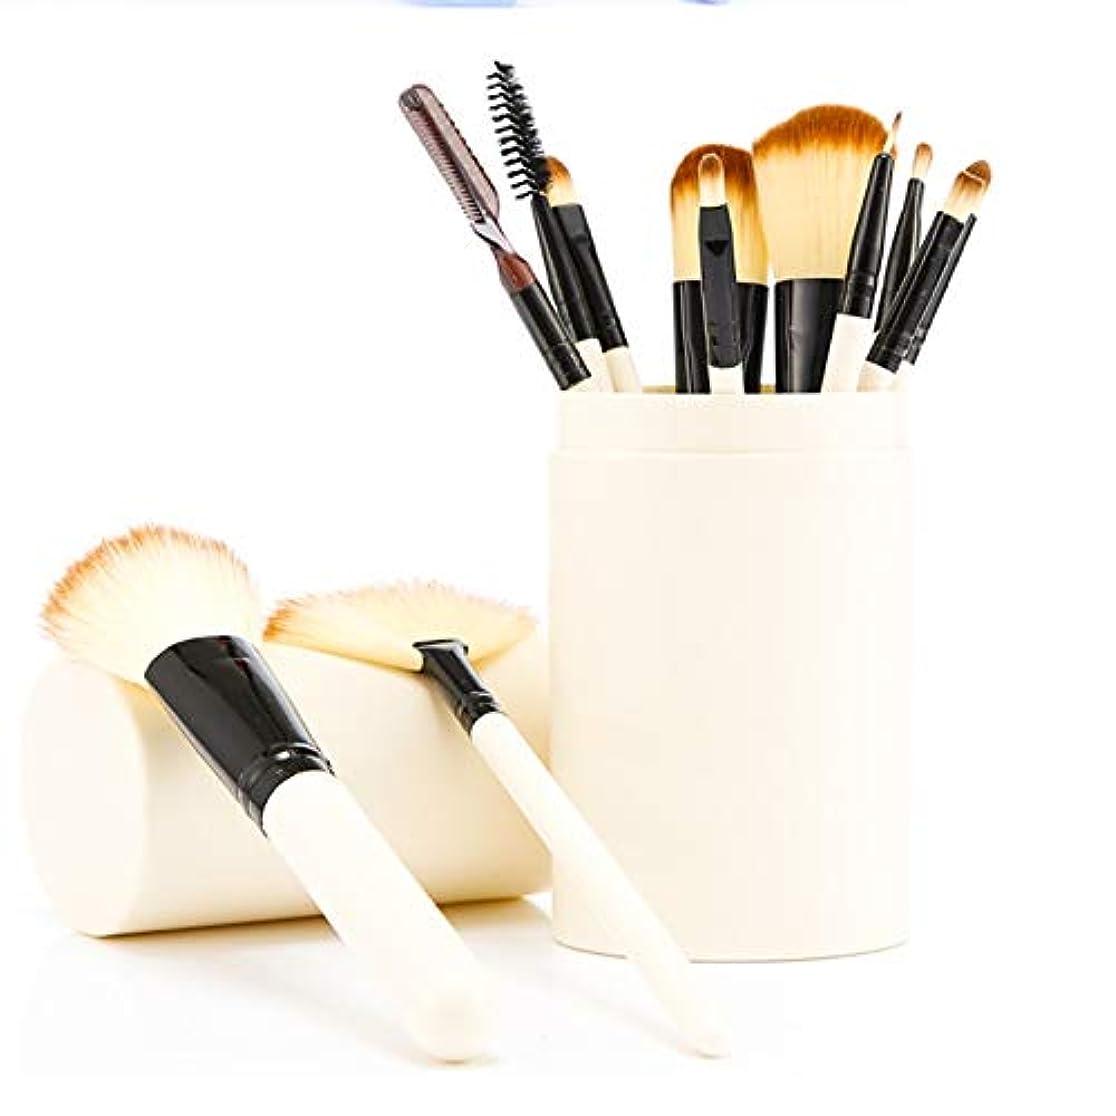 池妨げる任命ソフトで残酷のない合成繊維剛毛とローズゴールドのディテールが施された化粧ブラシセット12本のプロフェッショナルな化粧ブラシ - エレガントなPUレザーポーチが含まれています (Color : Natural)